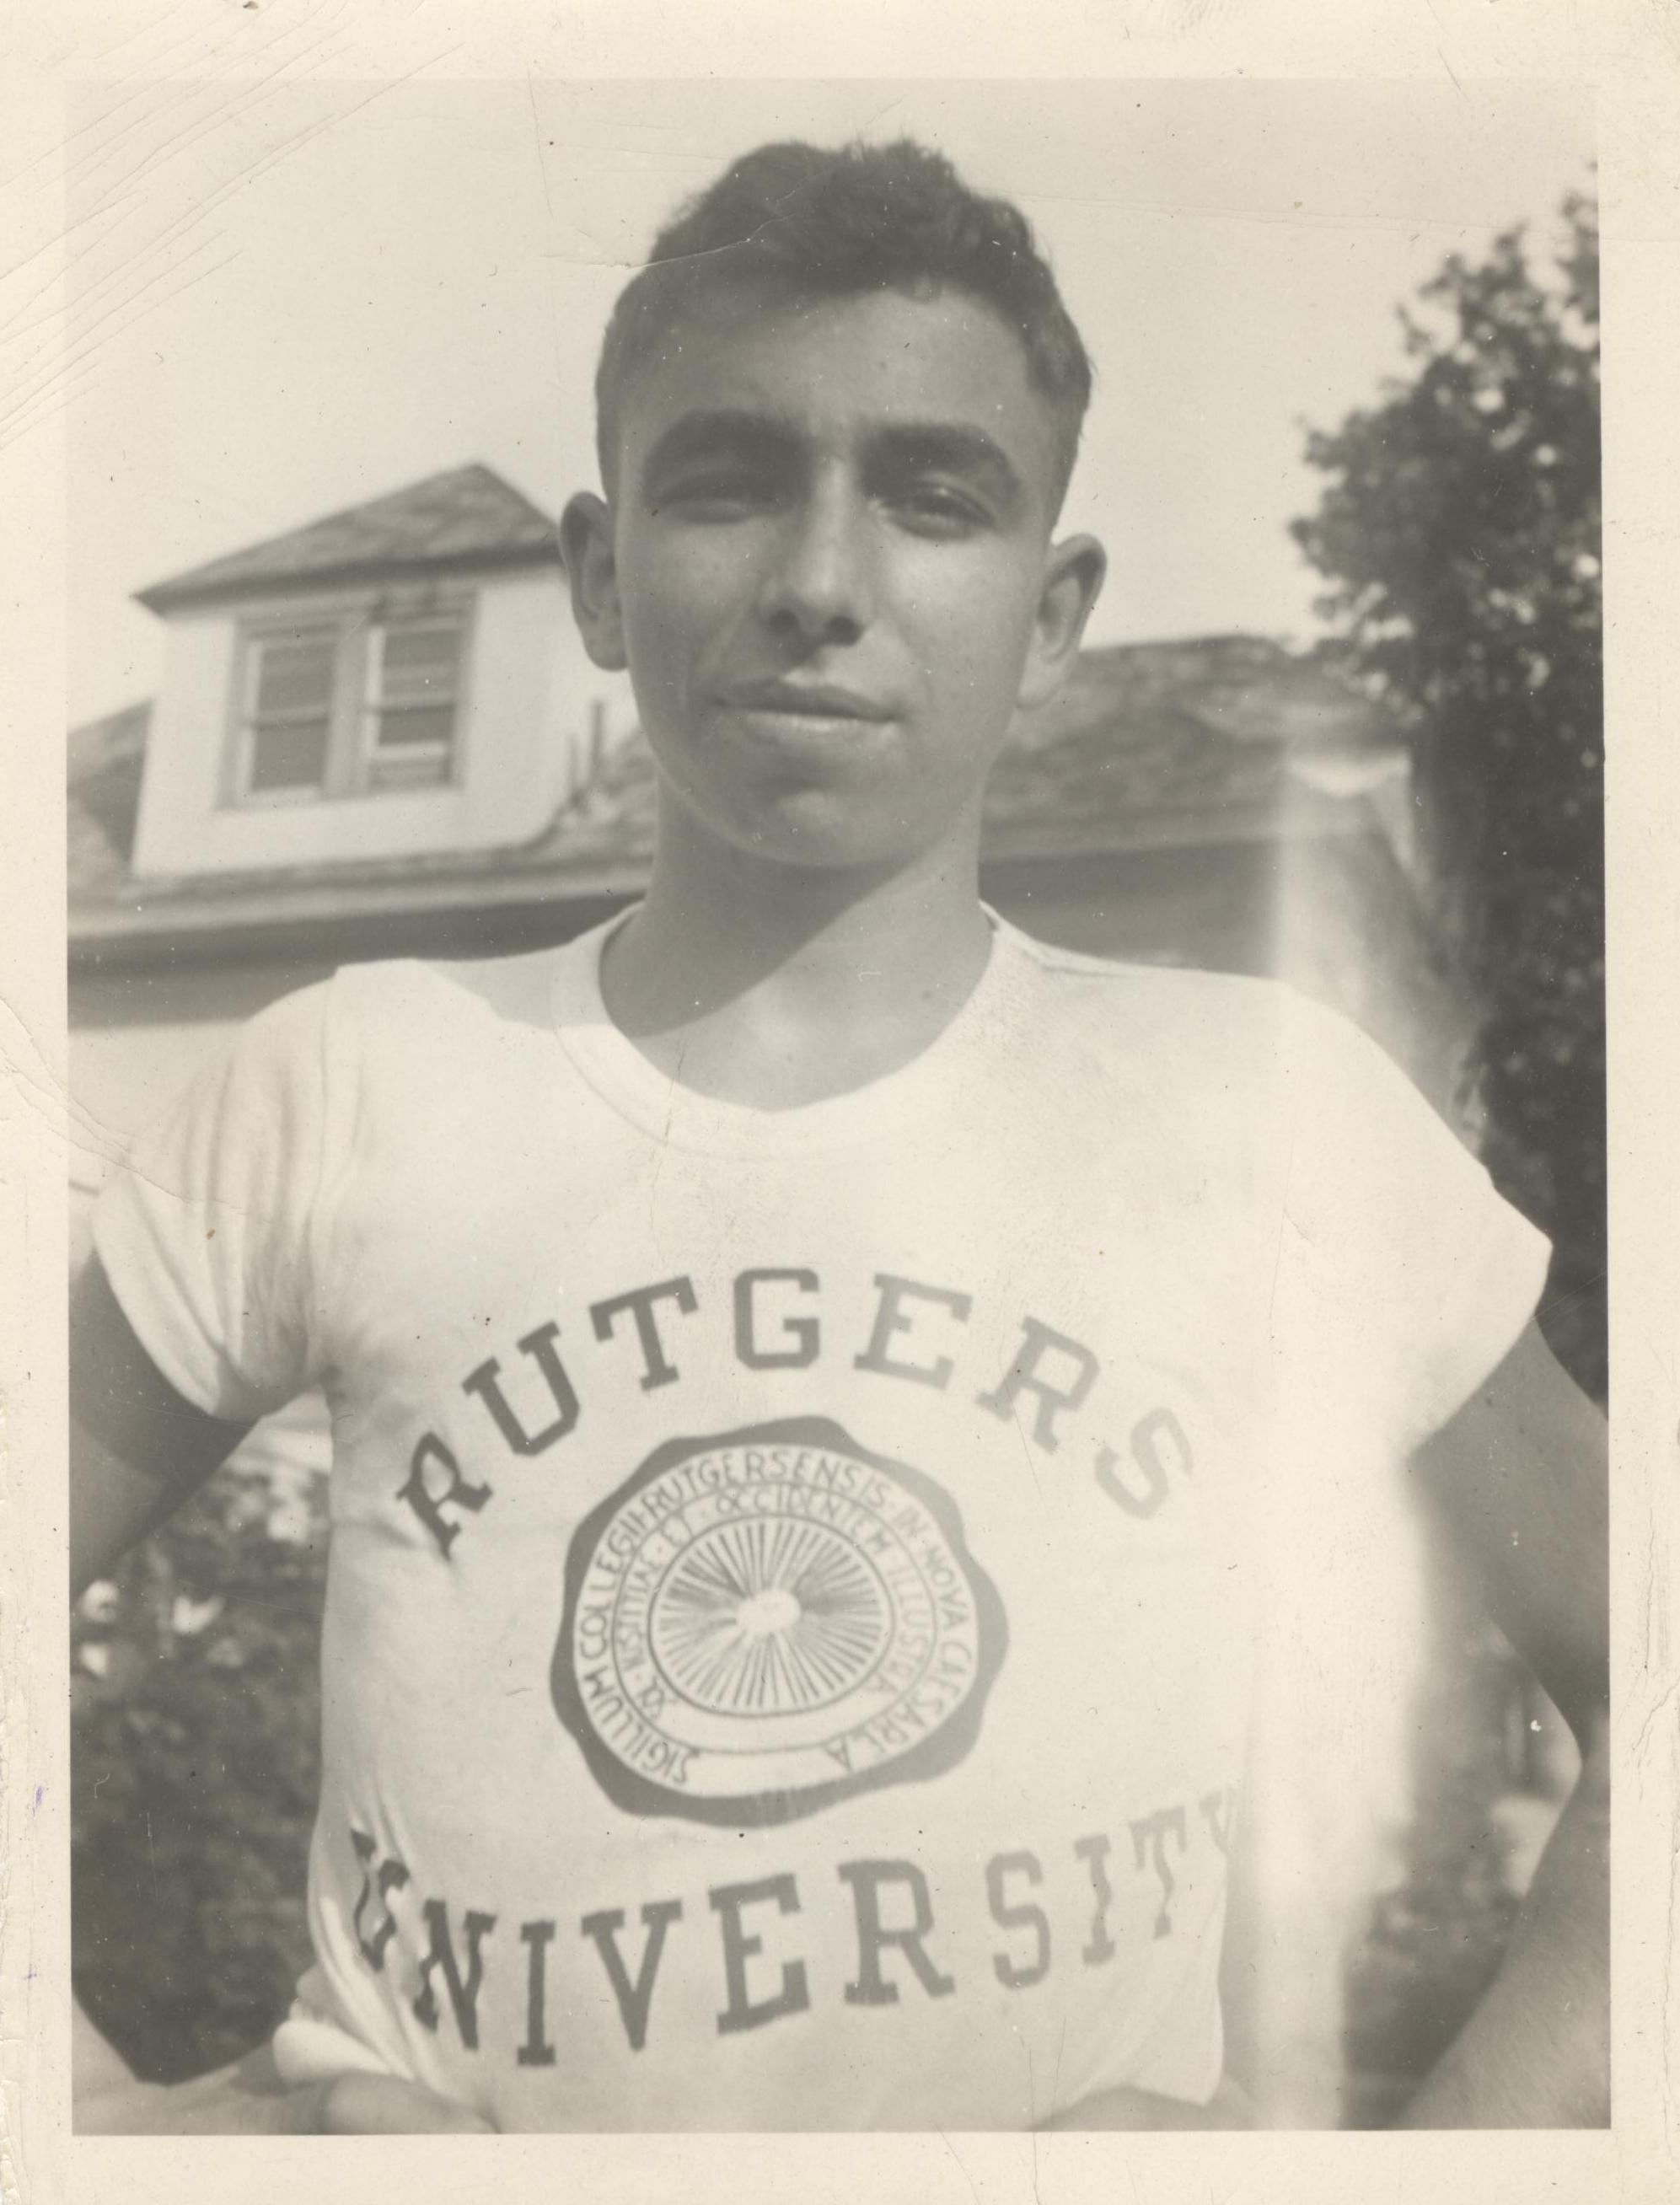 Norman Rutgers young